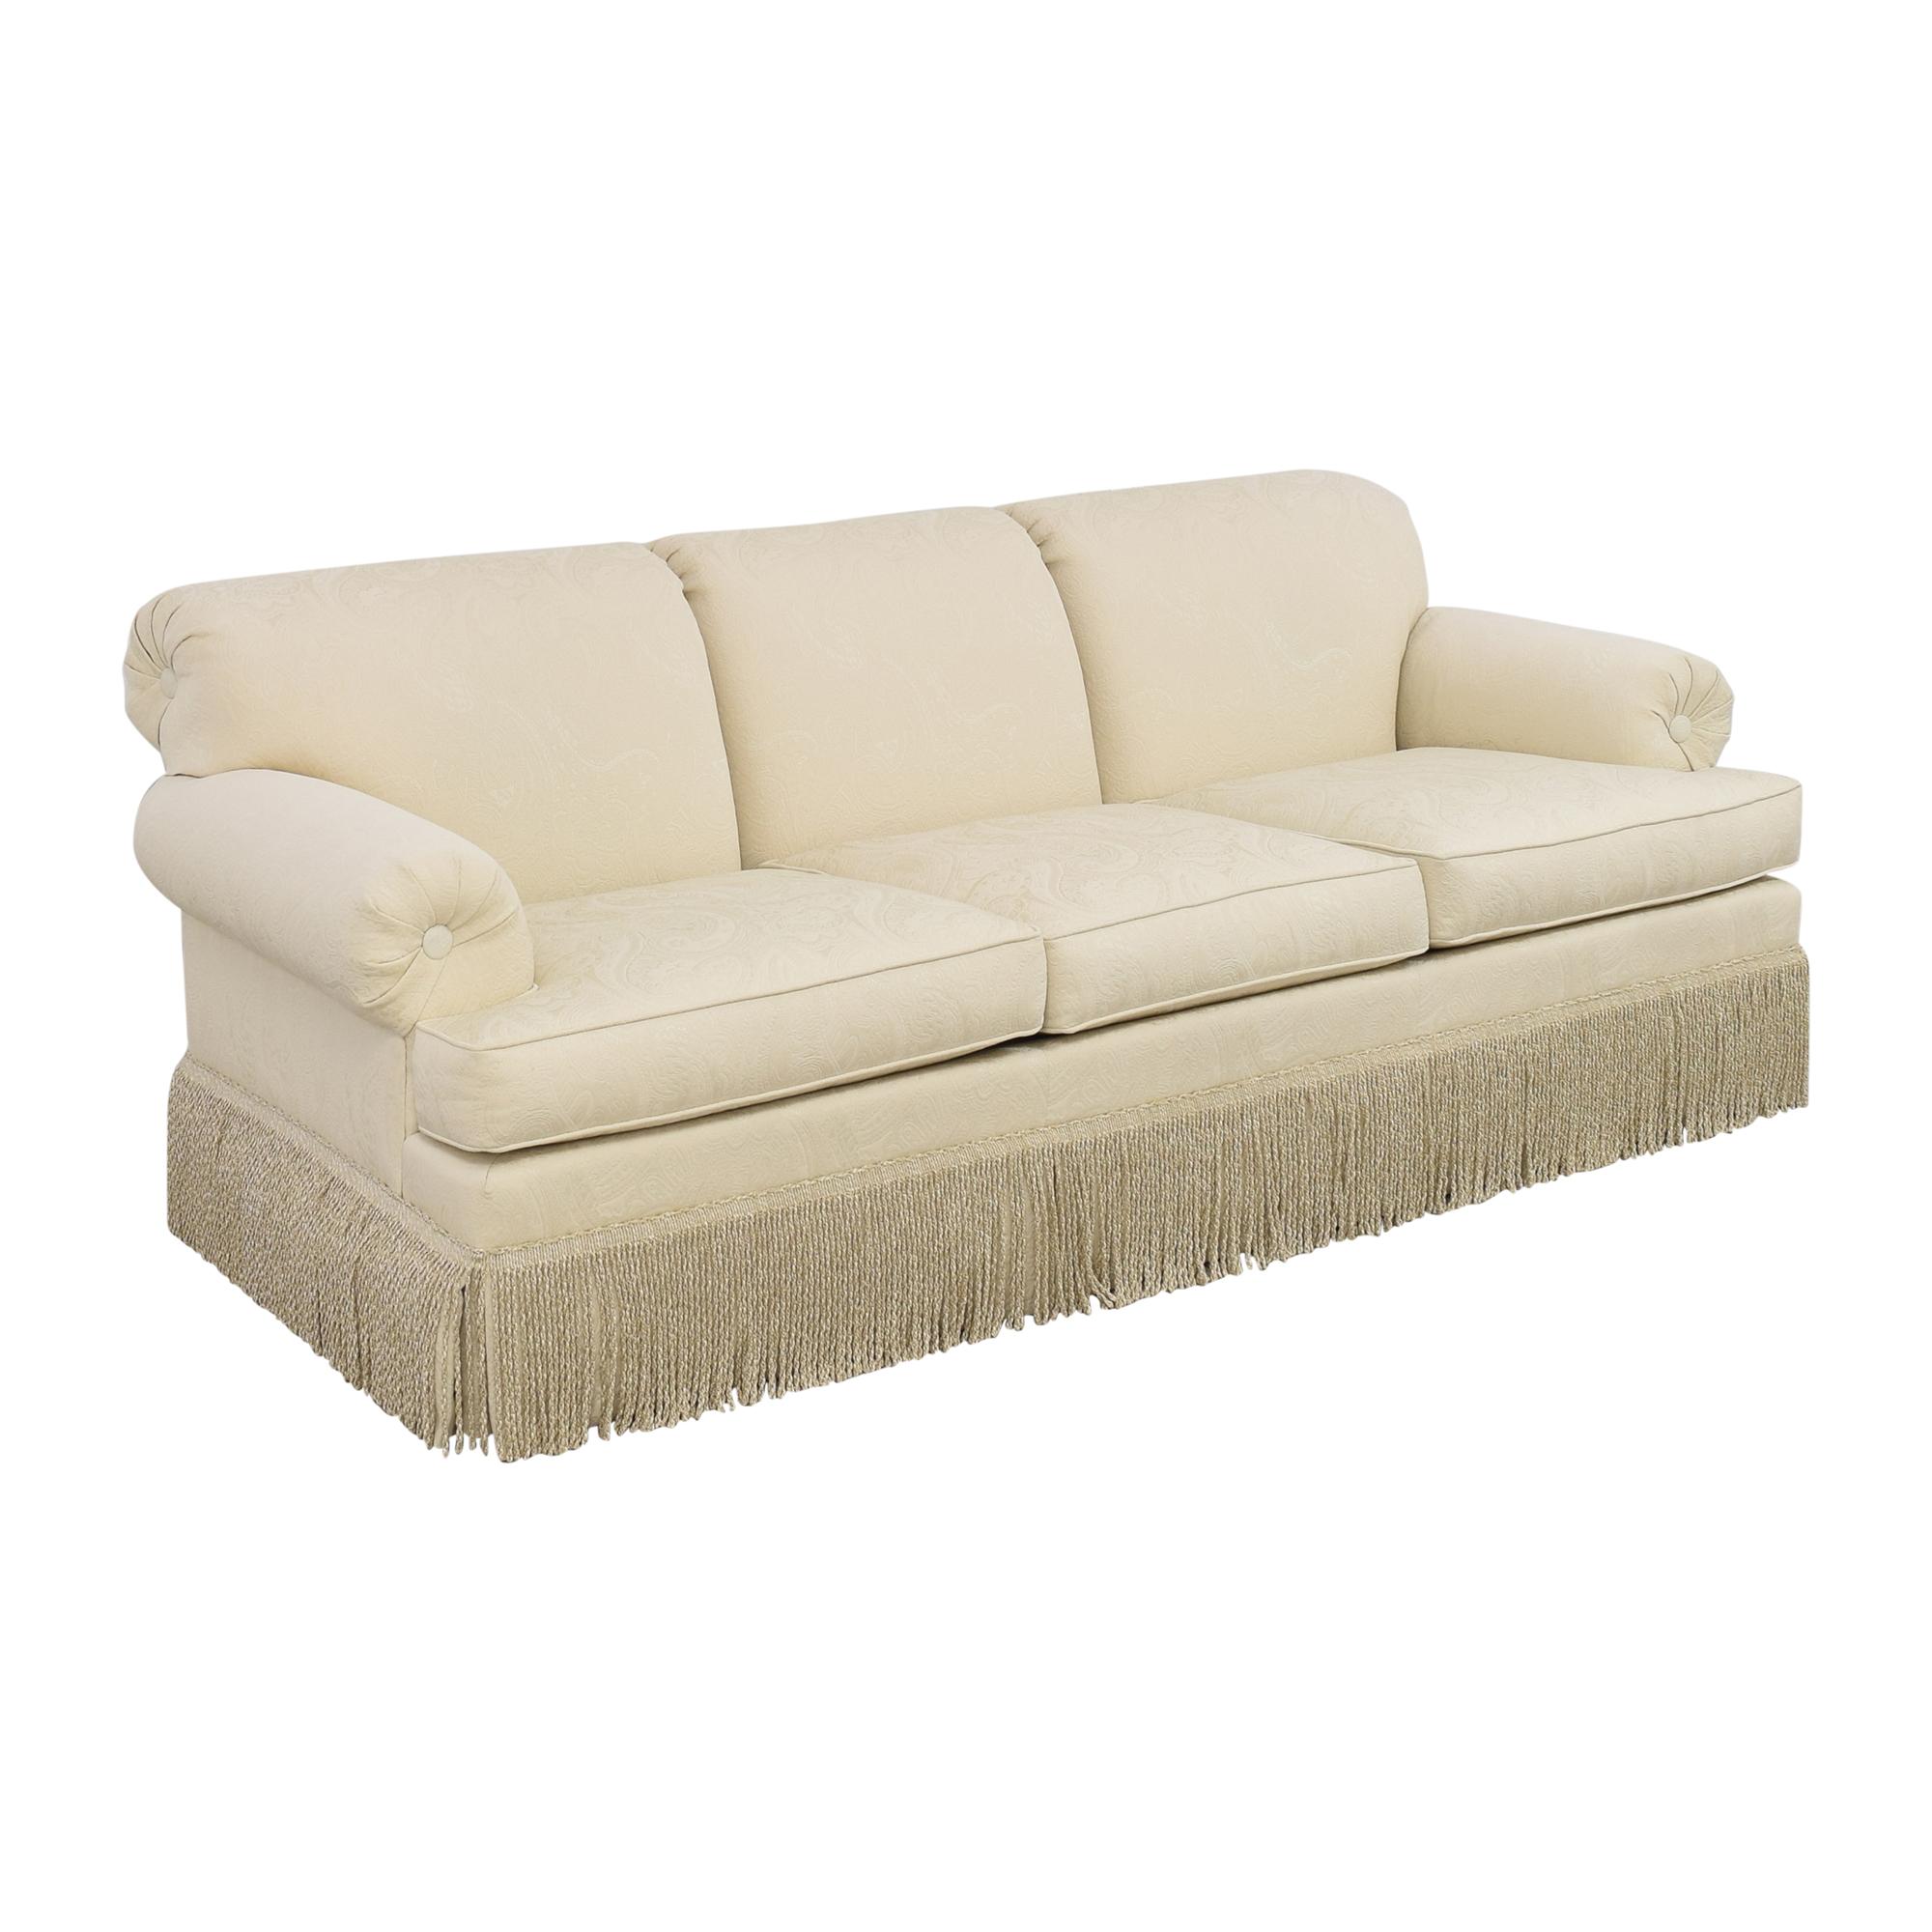 Ethan Allen Ethan Allen Fringed Three Cushion Sofa dimensions